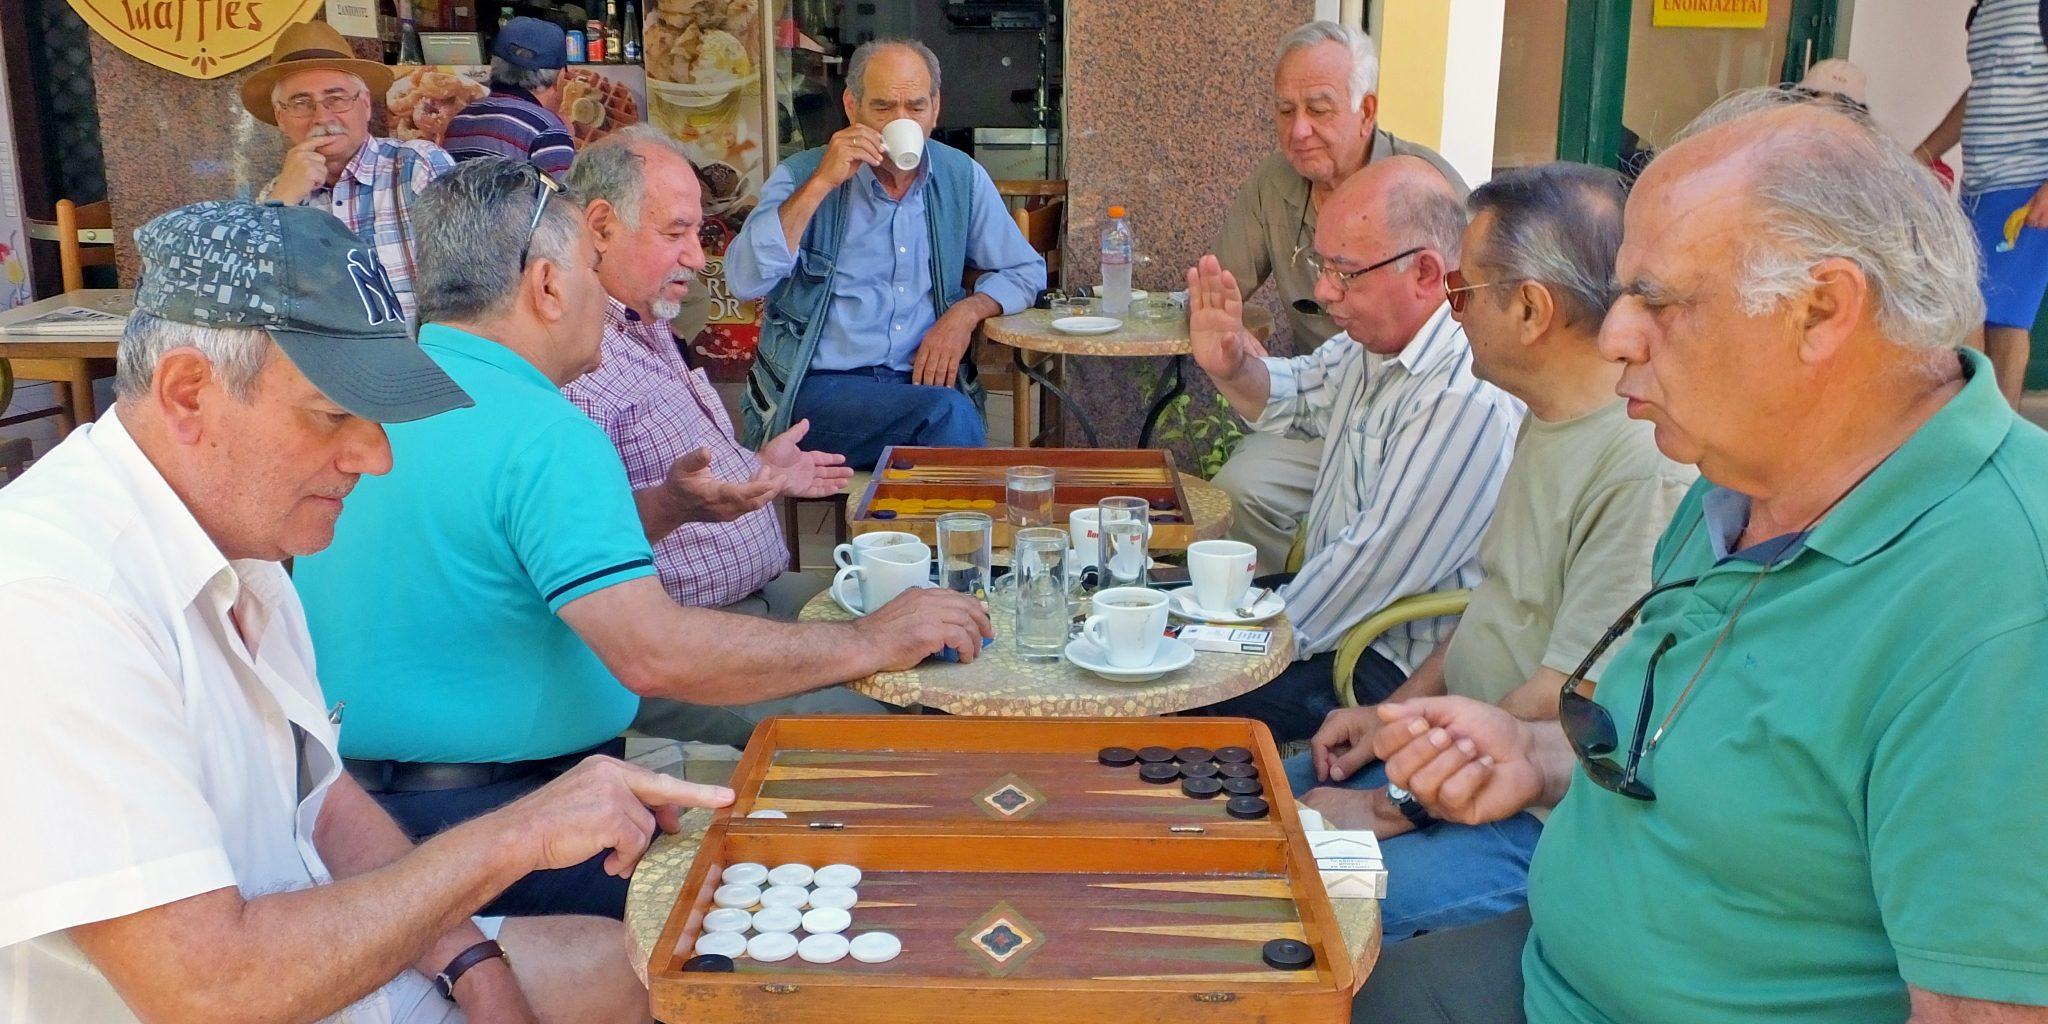 Siga-siga, czyli slow life po grecku + KONKURS #mojesigasiga